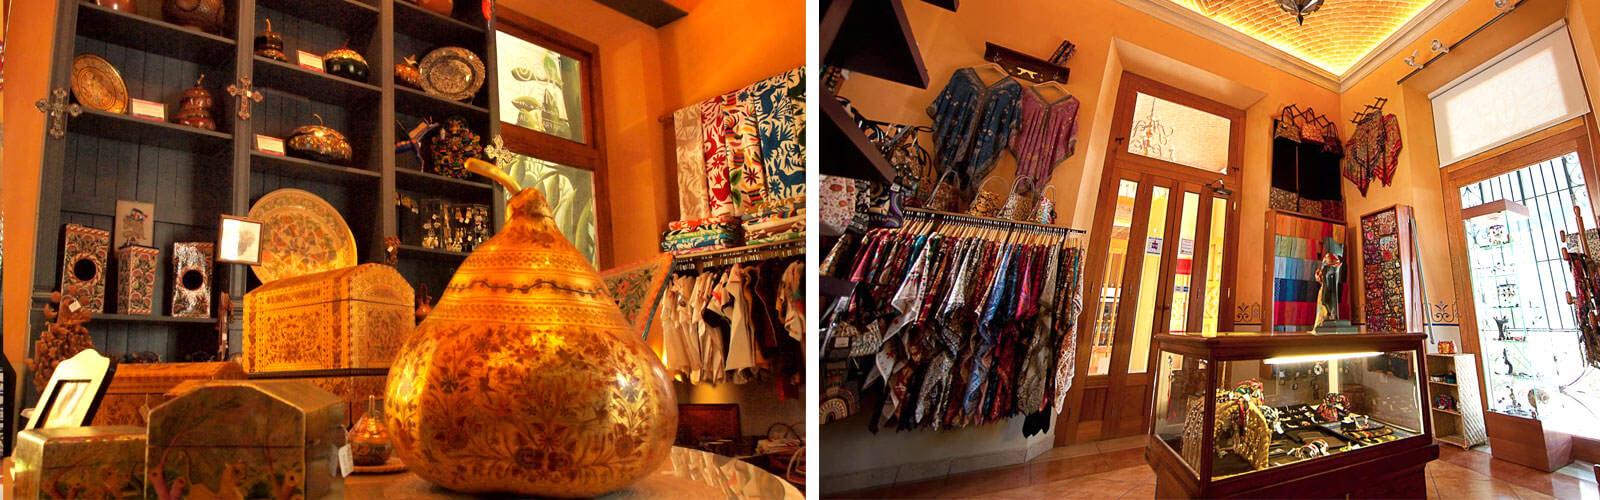 boutique-hotel-yucatan-tiendas2